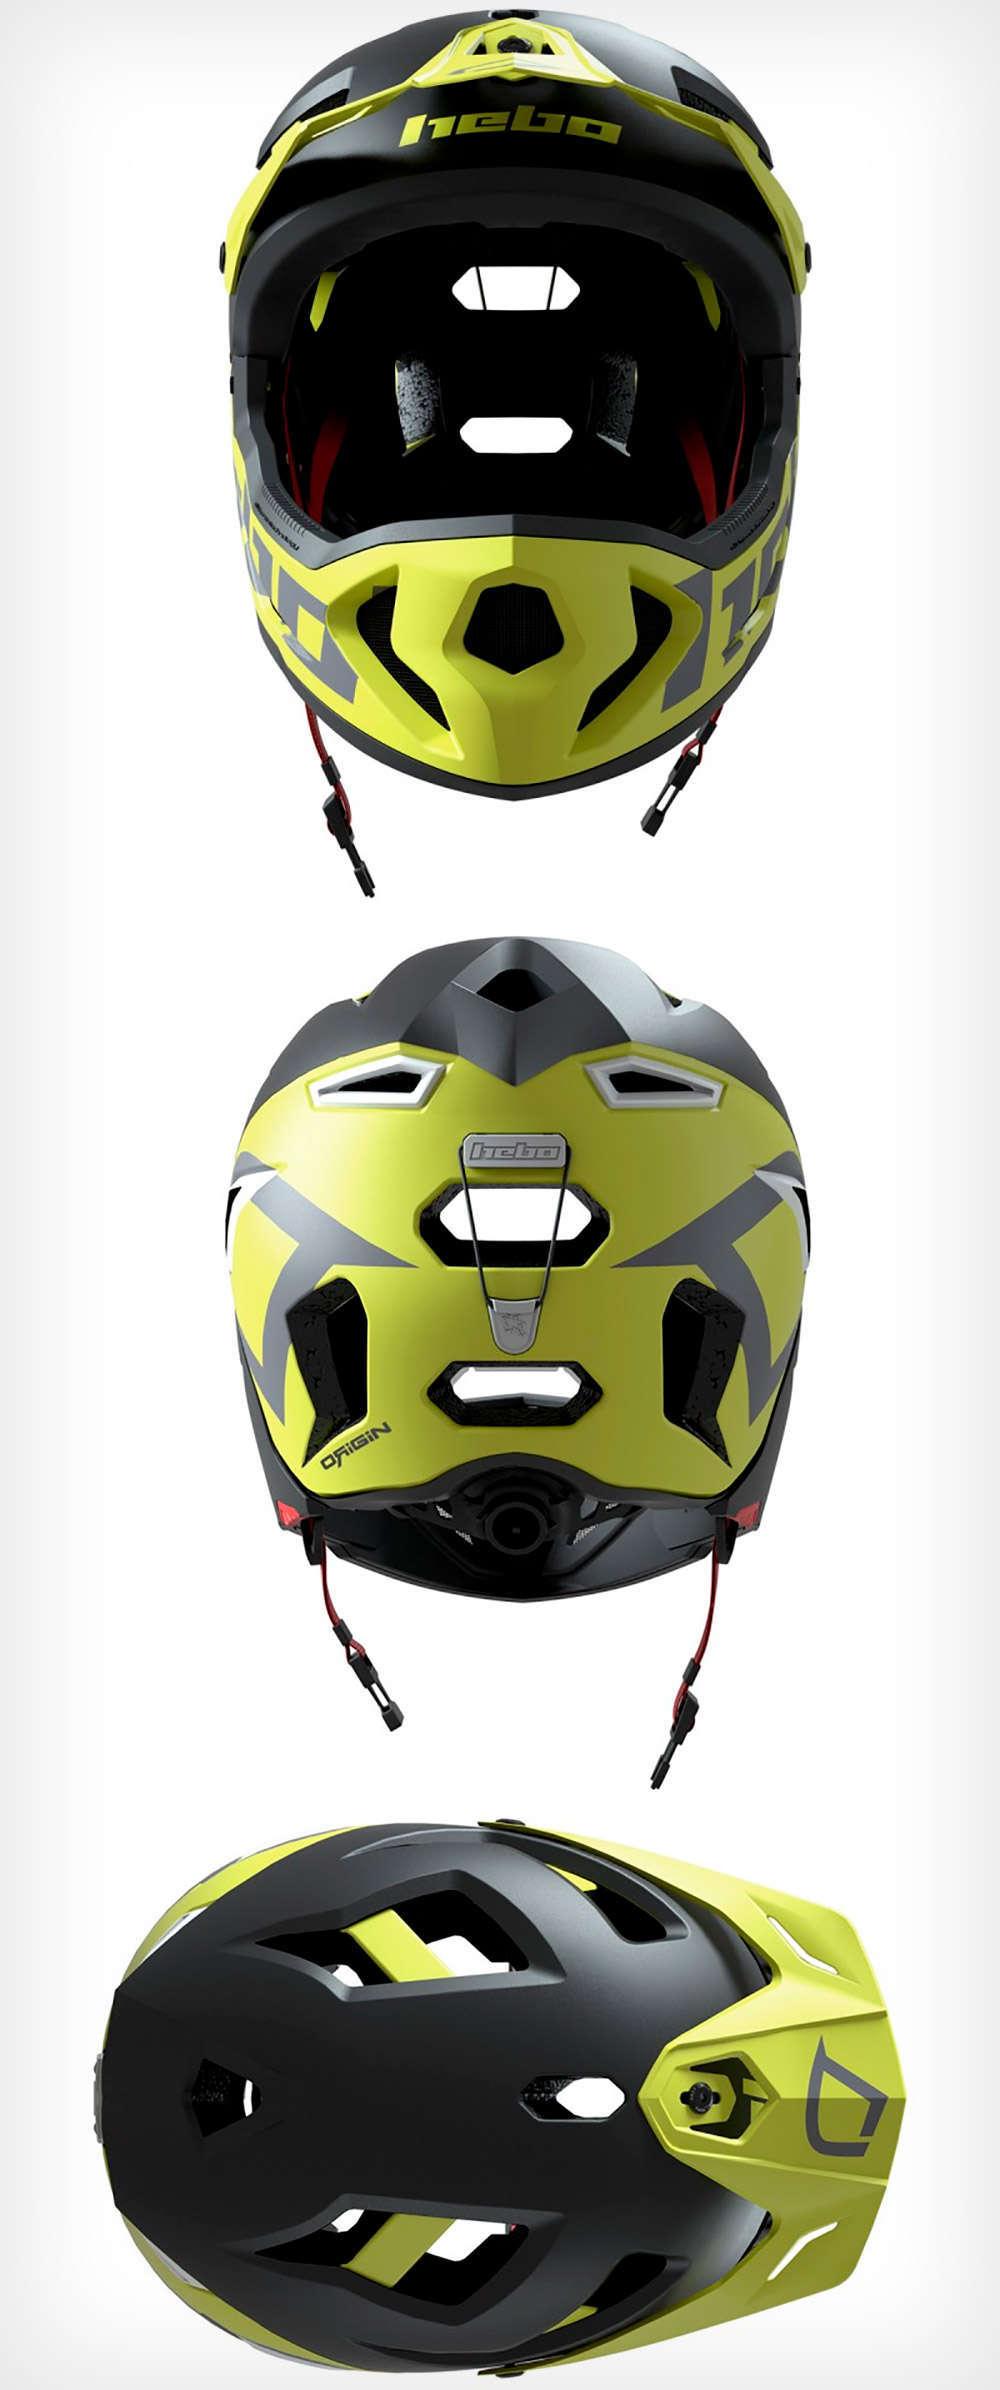 En TodoMountainBike: Hebo Genesis, un casco con mentonera desmontable para subir cómodamente y bajar dándolo todo